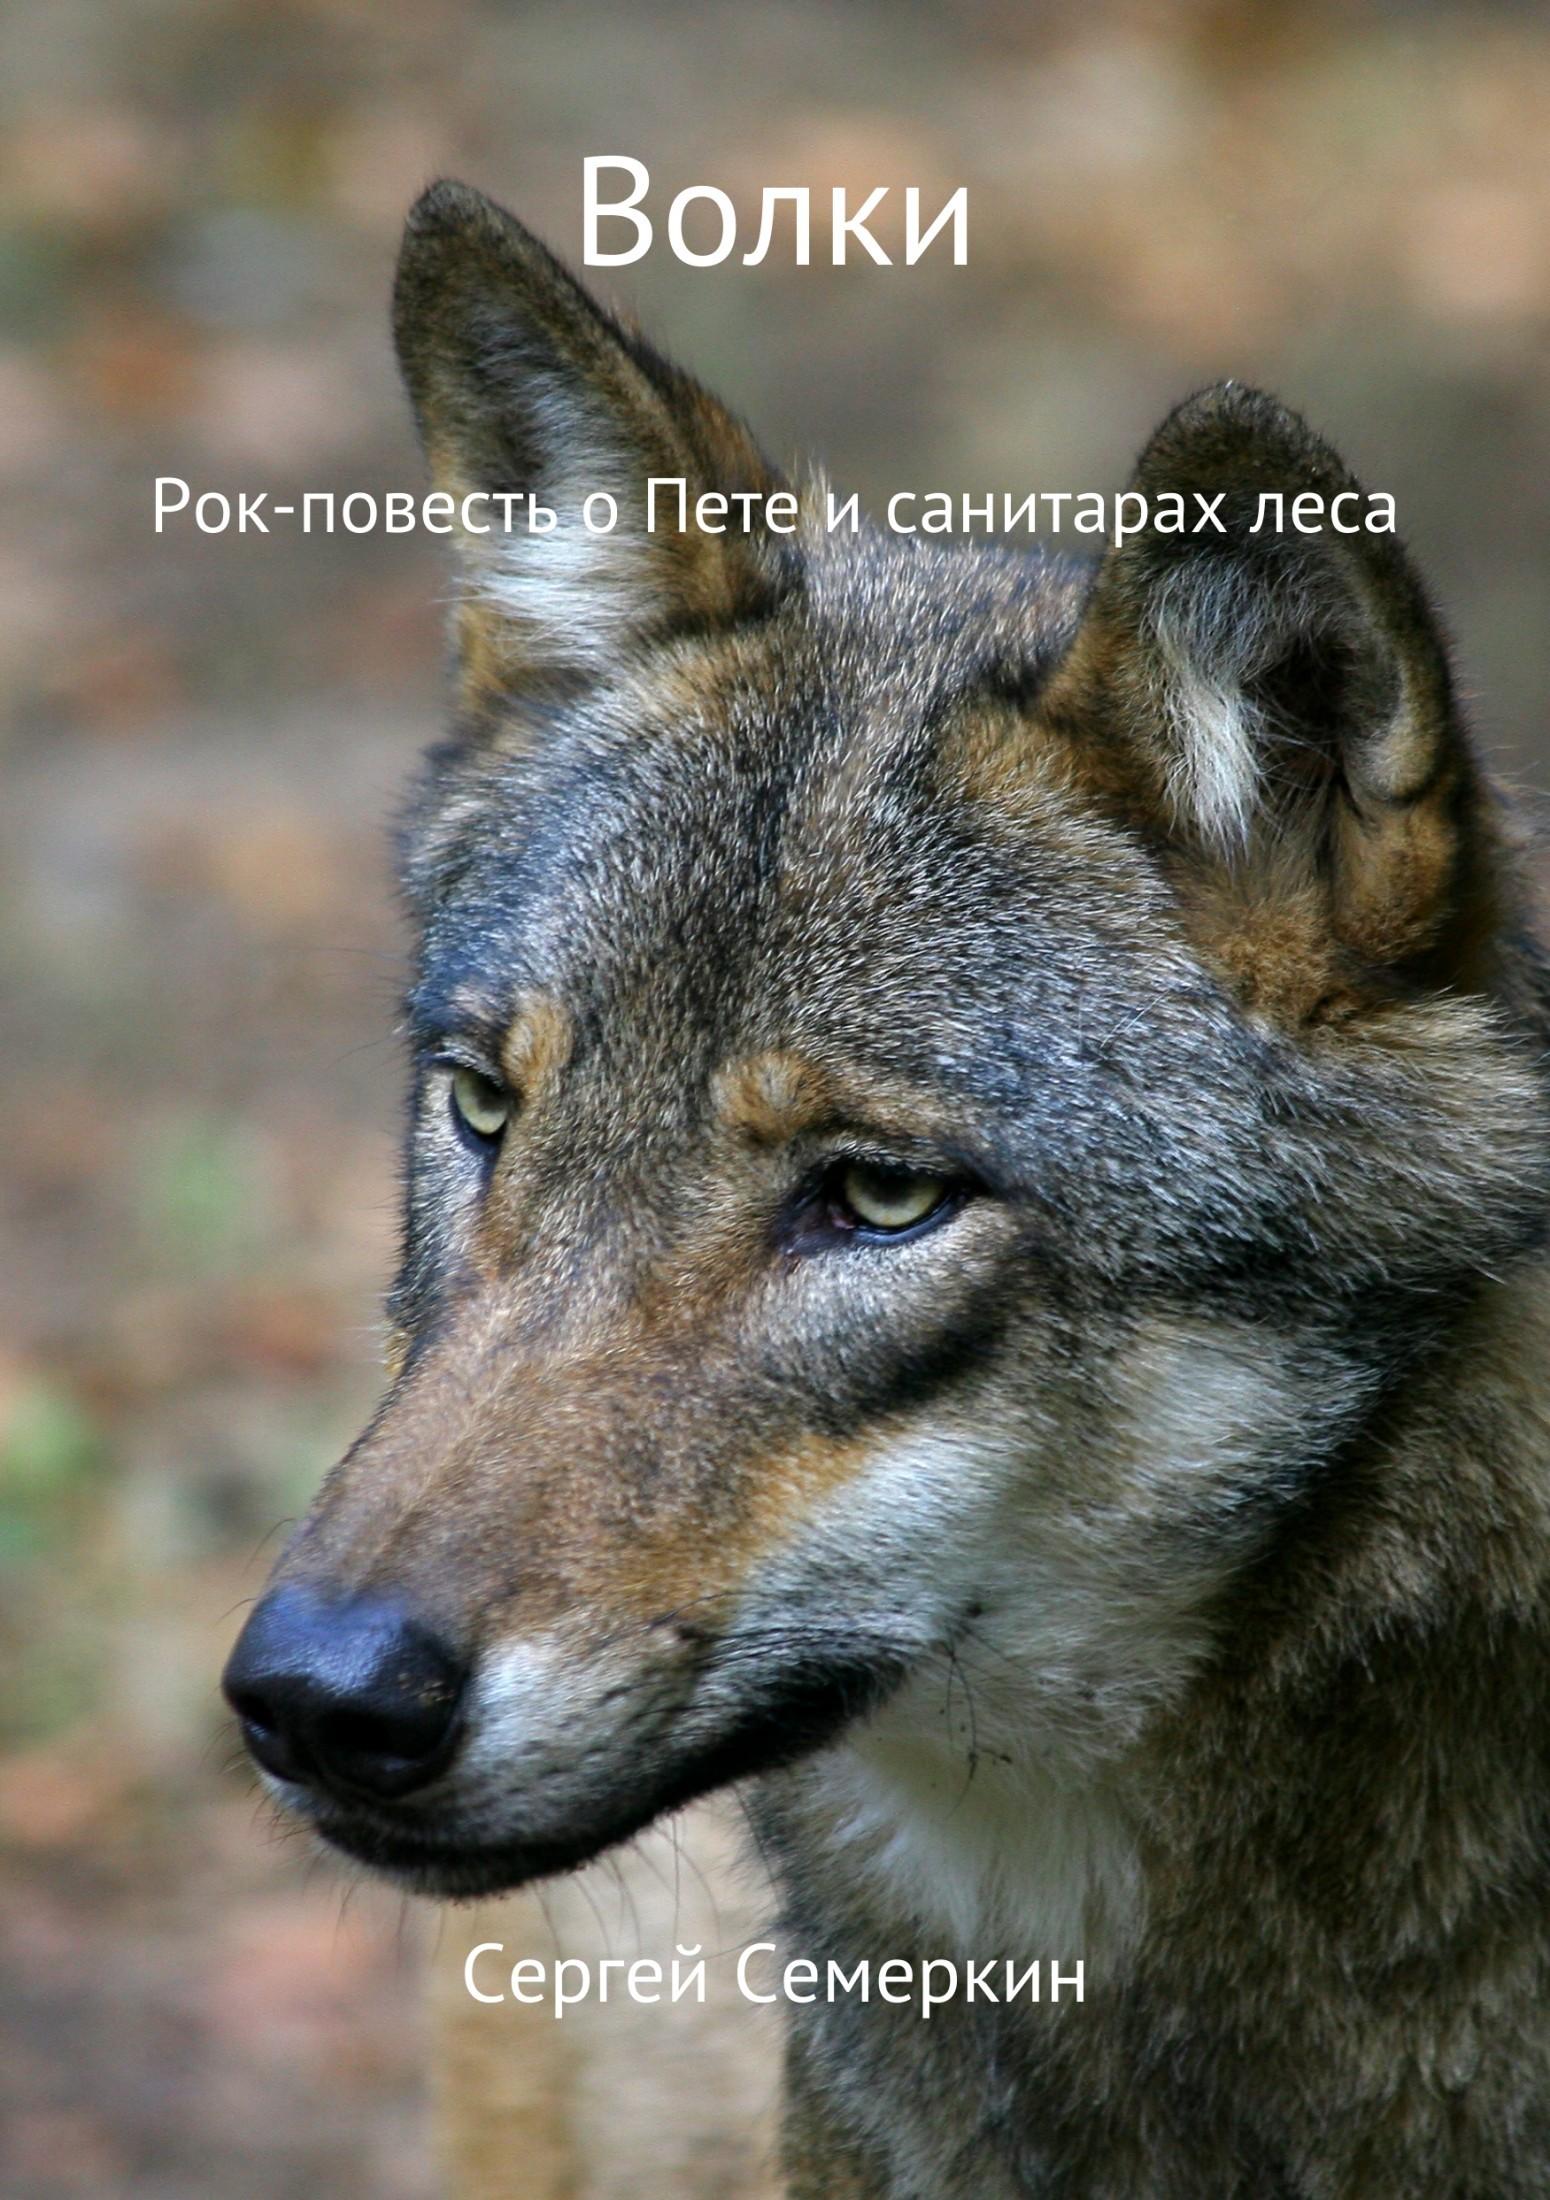 Сергей Владимирович Семеркин Волки сергей владимирович семеркин алло пожарная